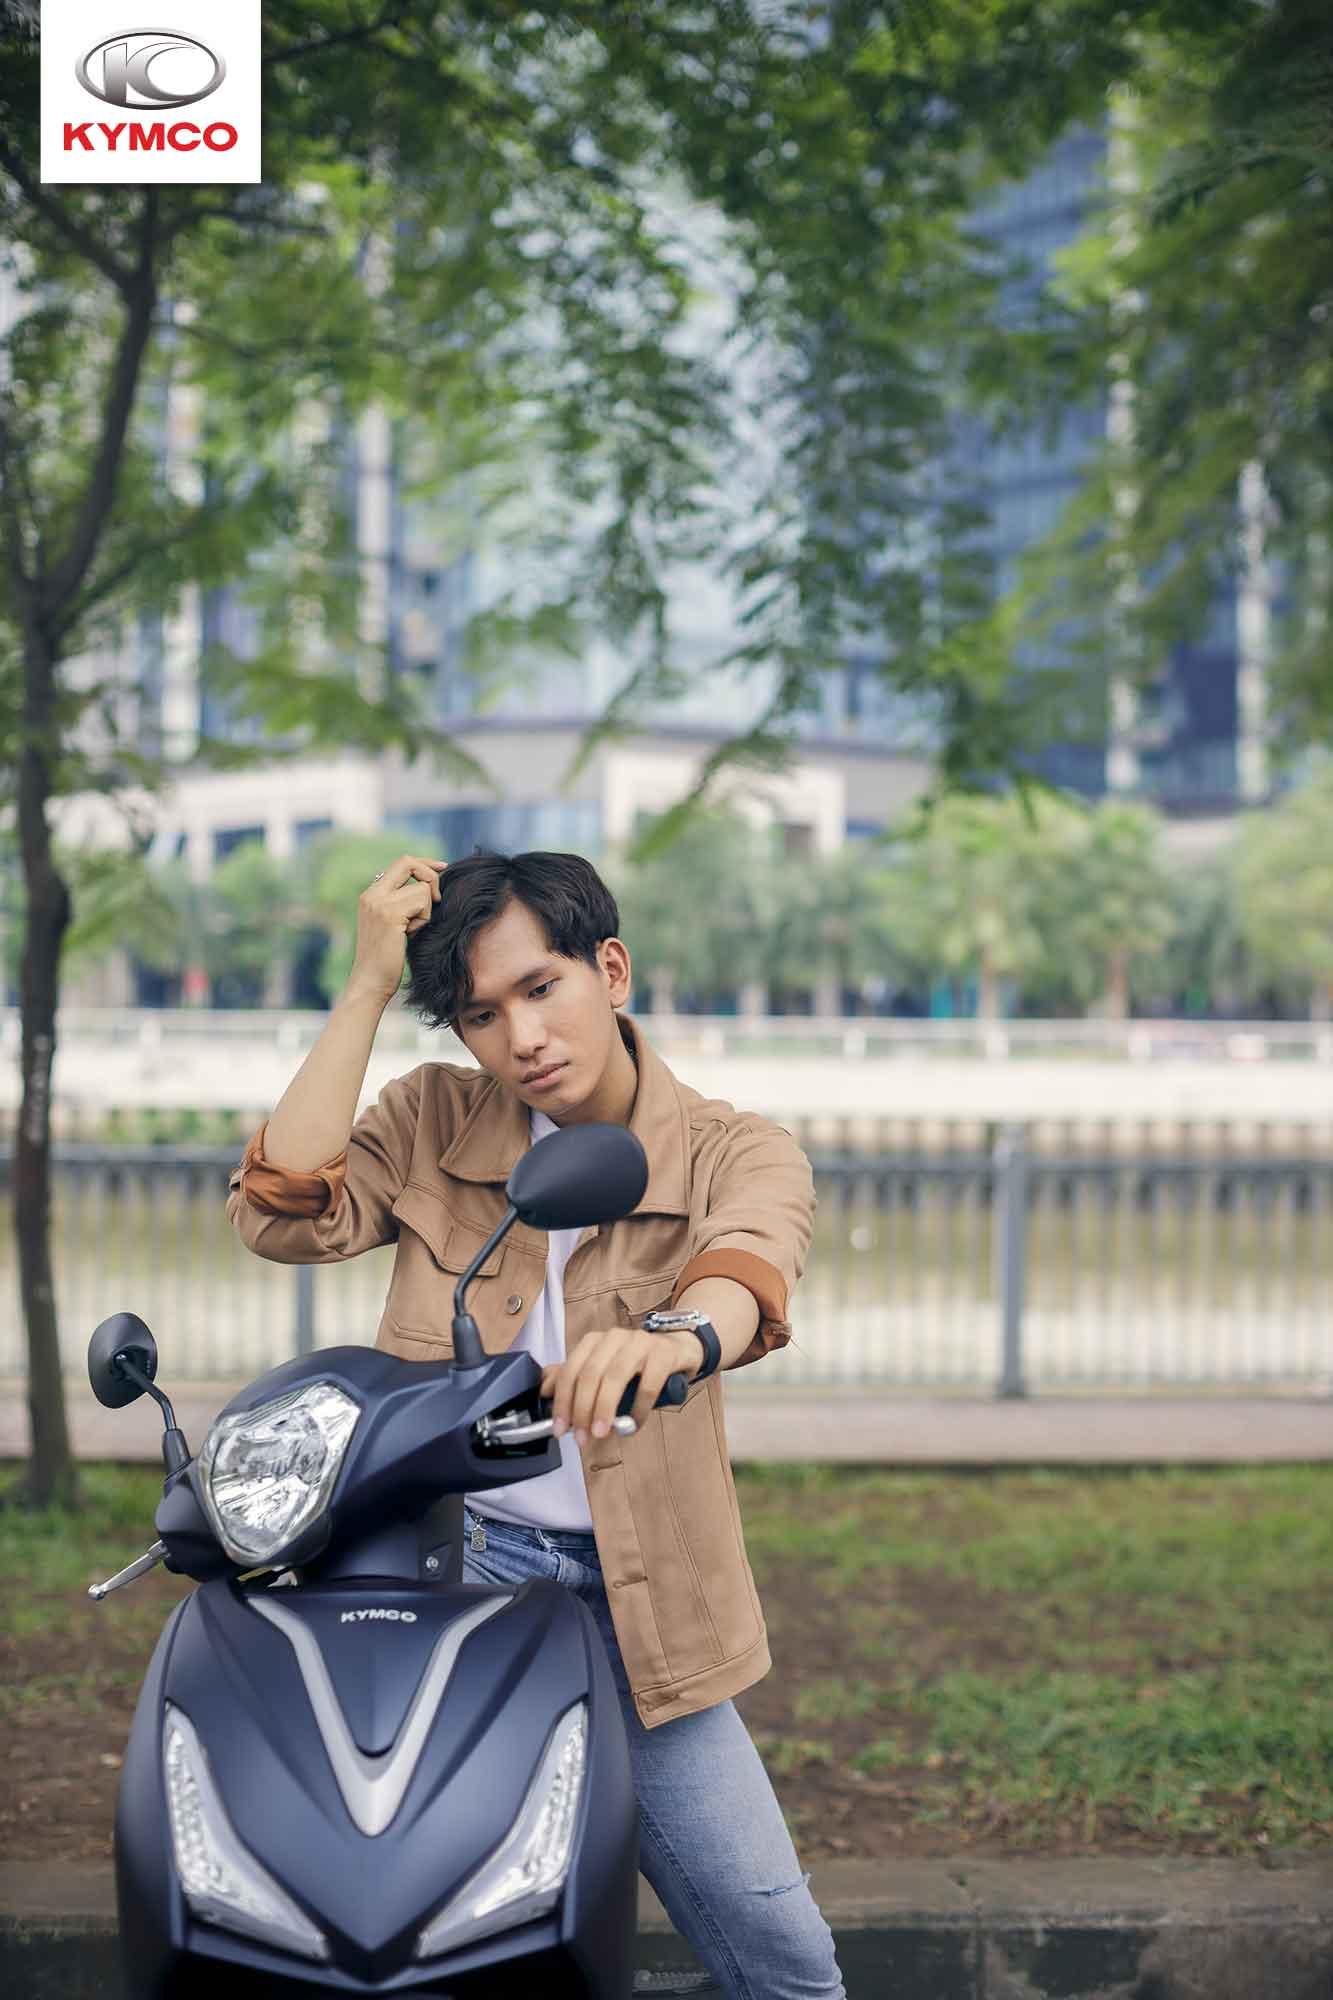 Xe ga Kymco với giá thành phải chăng phù hợp với nhiều người dùng Việt